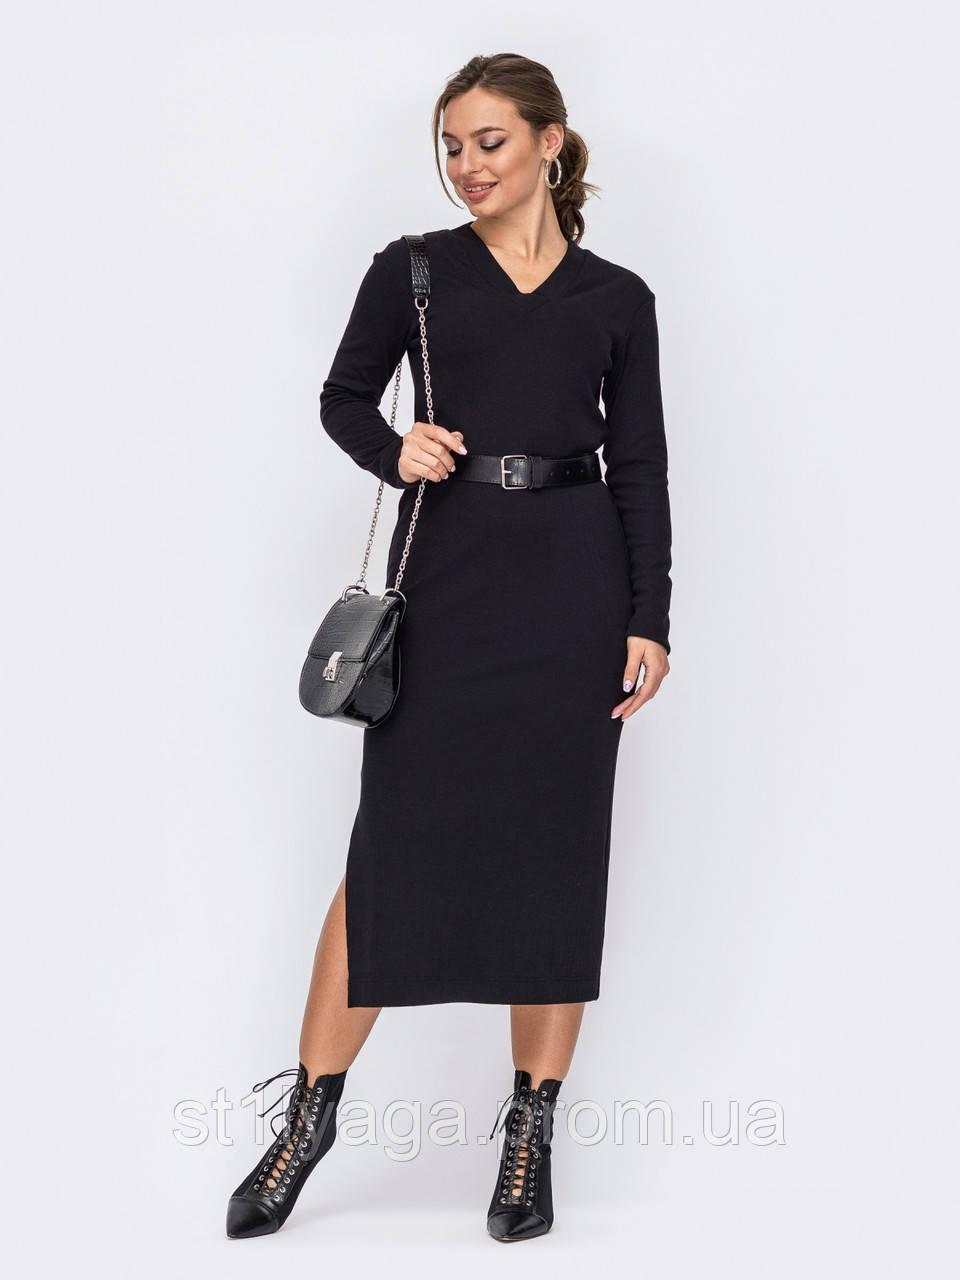 Приталенное платье-миди с длинным рукавом и разрезом сбоку